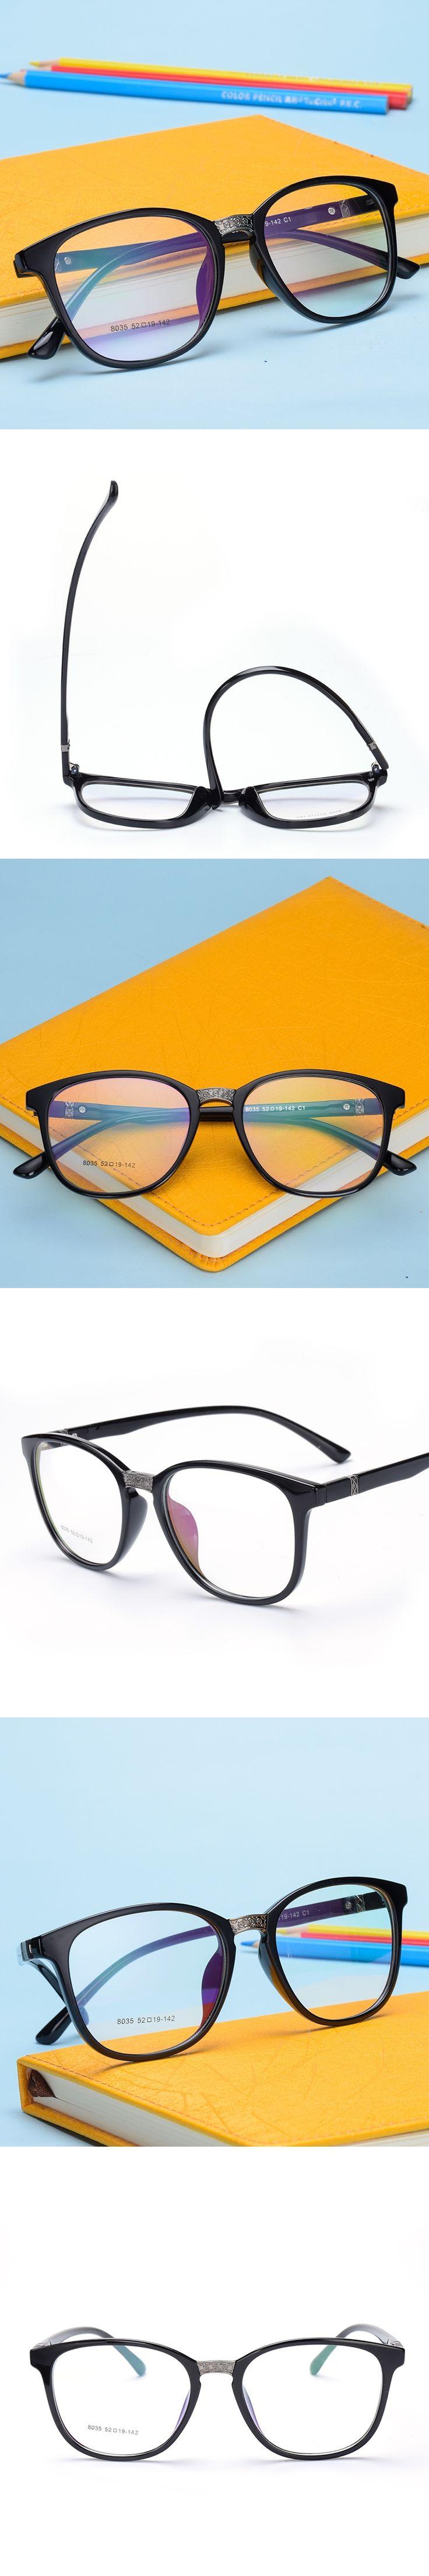 The New TR90 women Glasses frame retro optical clear Full box Eyeglasses frame Men prescription glasses frames 8035